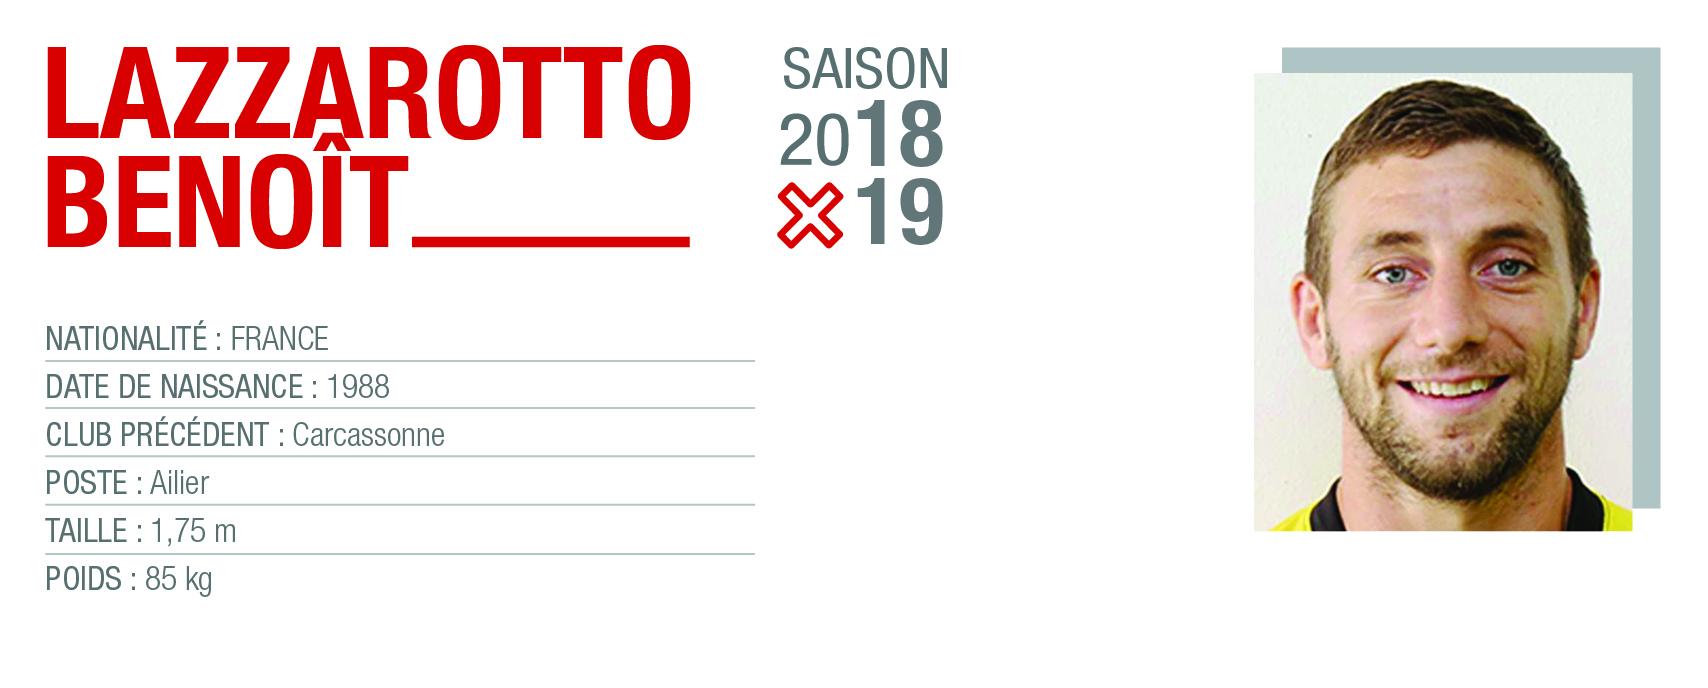 SAISON 2018 - 2019 - Page 2 5b239454e694aa501671996b